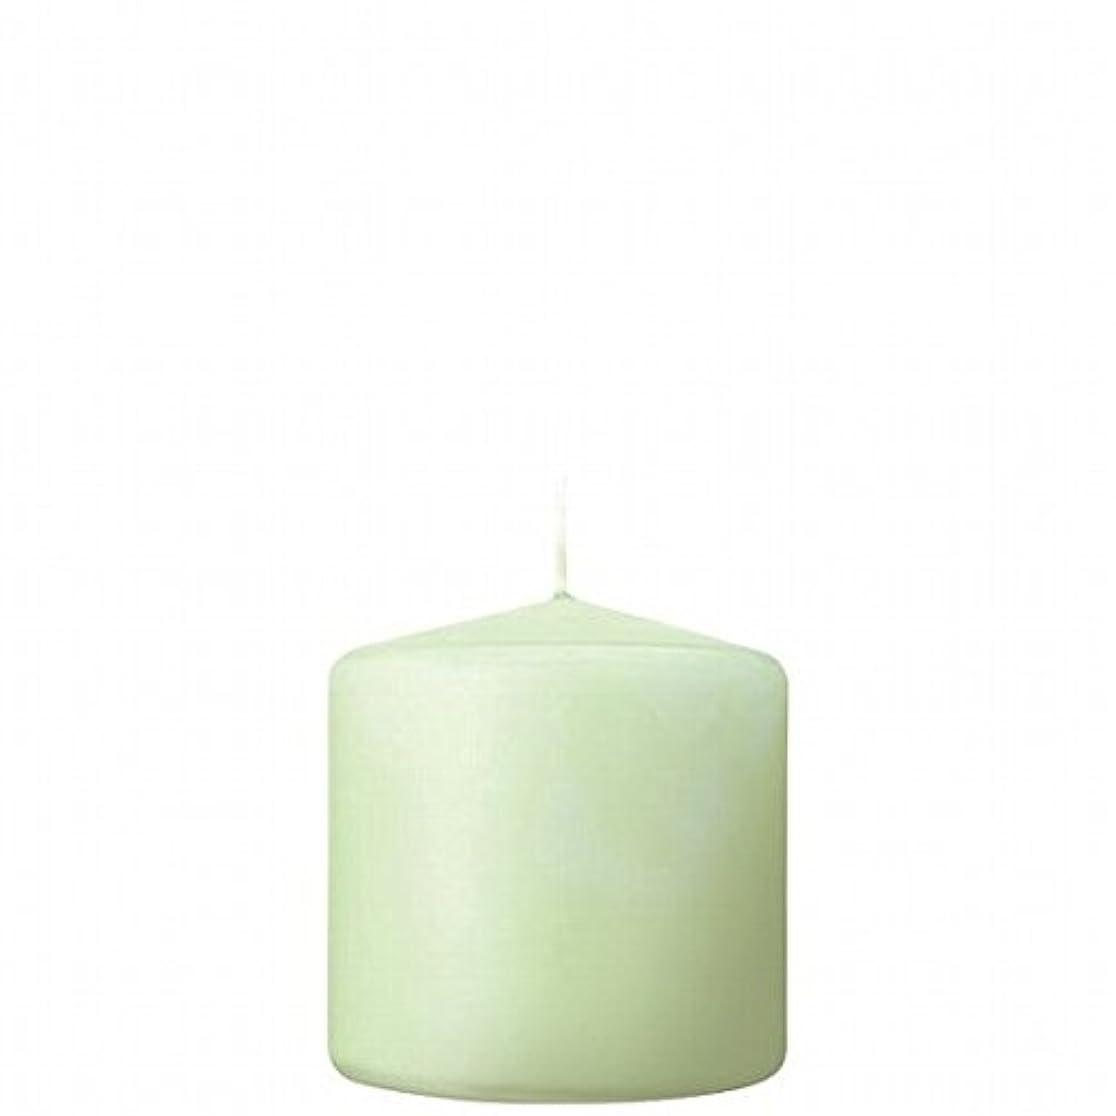 リストメーカースケートkameyama candle(カメヤマキャンドル) 3×3ベルトップピラーキャンドル 「 ホワイトグリーン 」(A9730000WG)